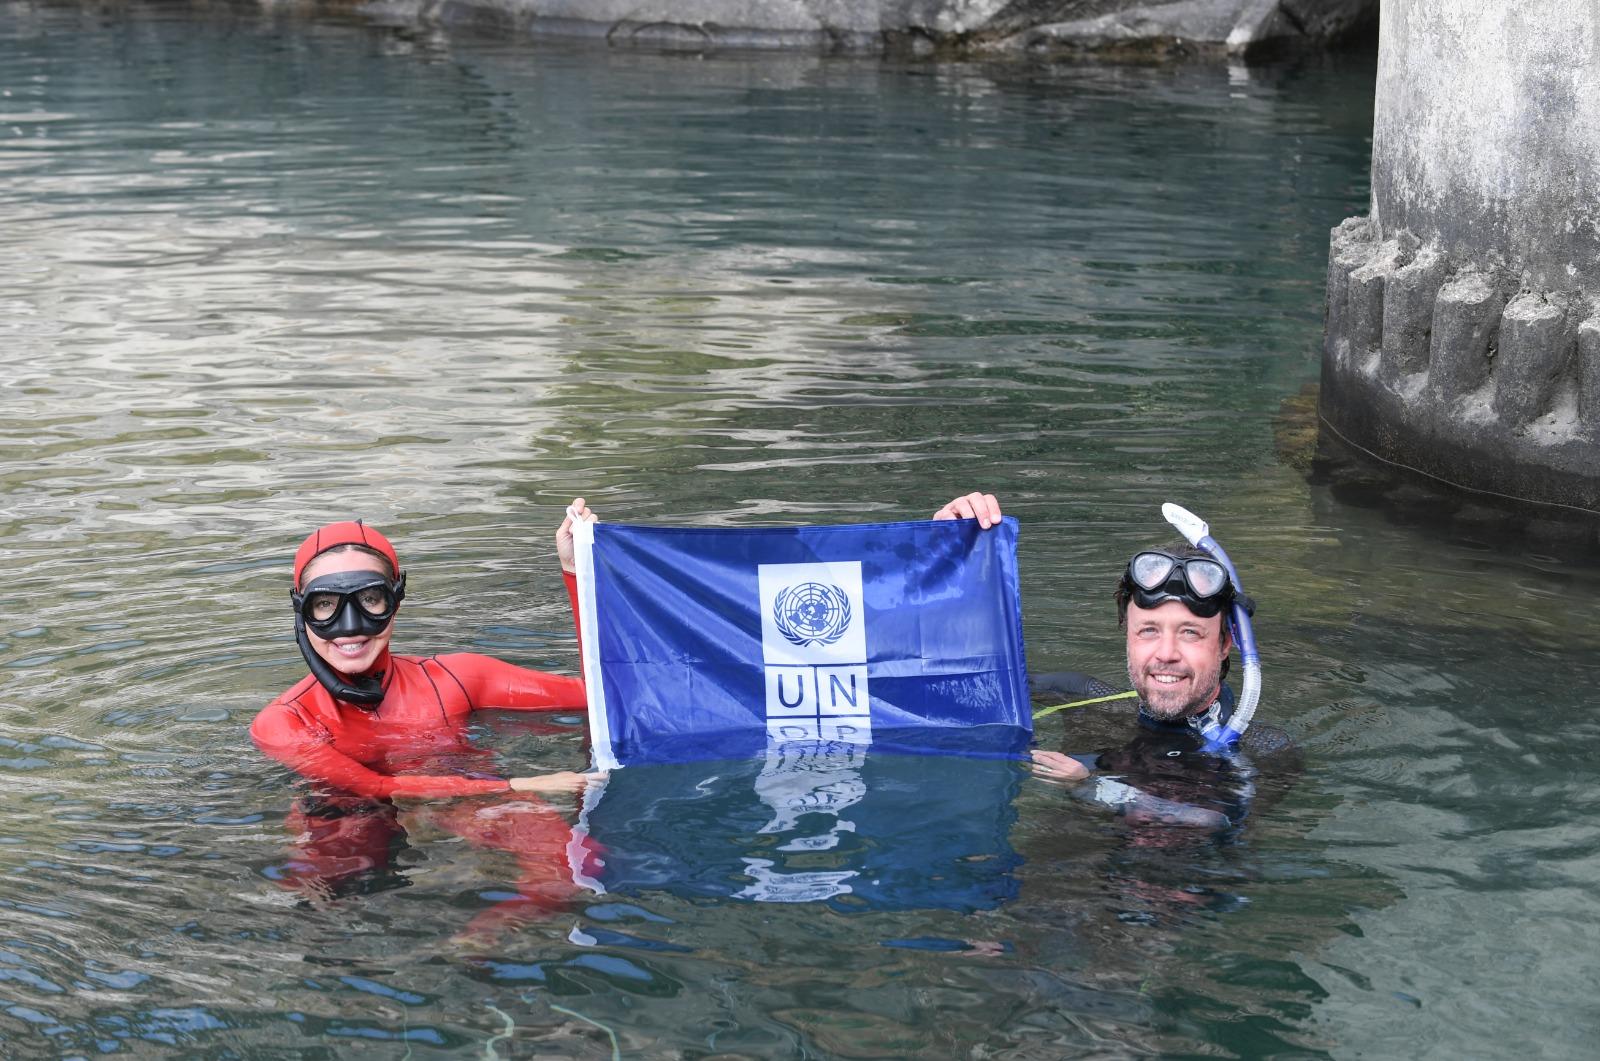 UNDP 'Sıfır Atık' Projesi için rekortmen sporcu Şahika Ercümen ile dalış gerçekleştirdi